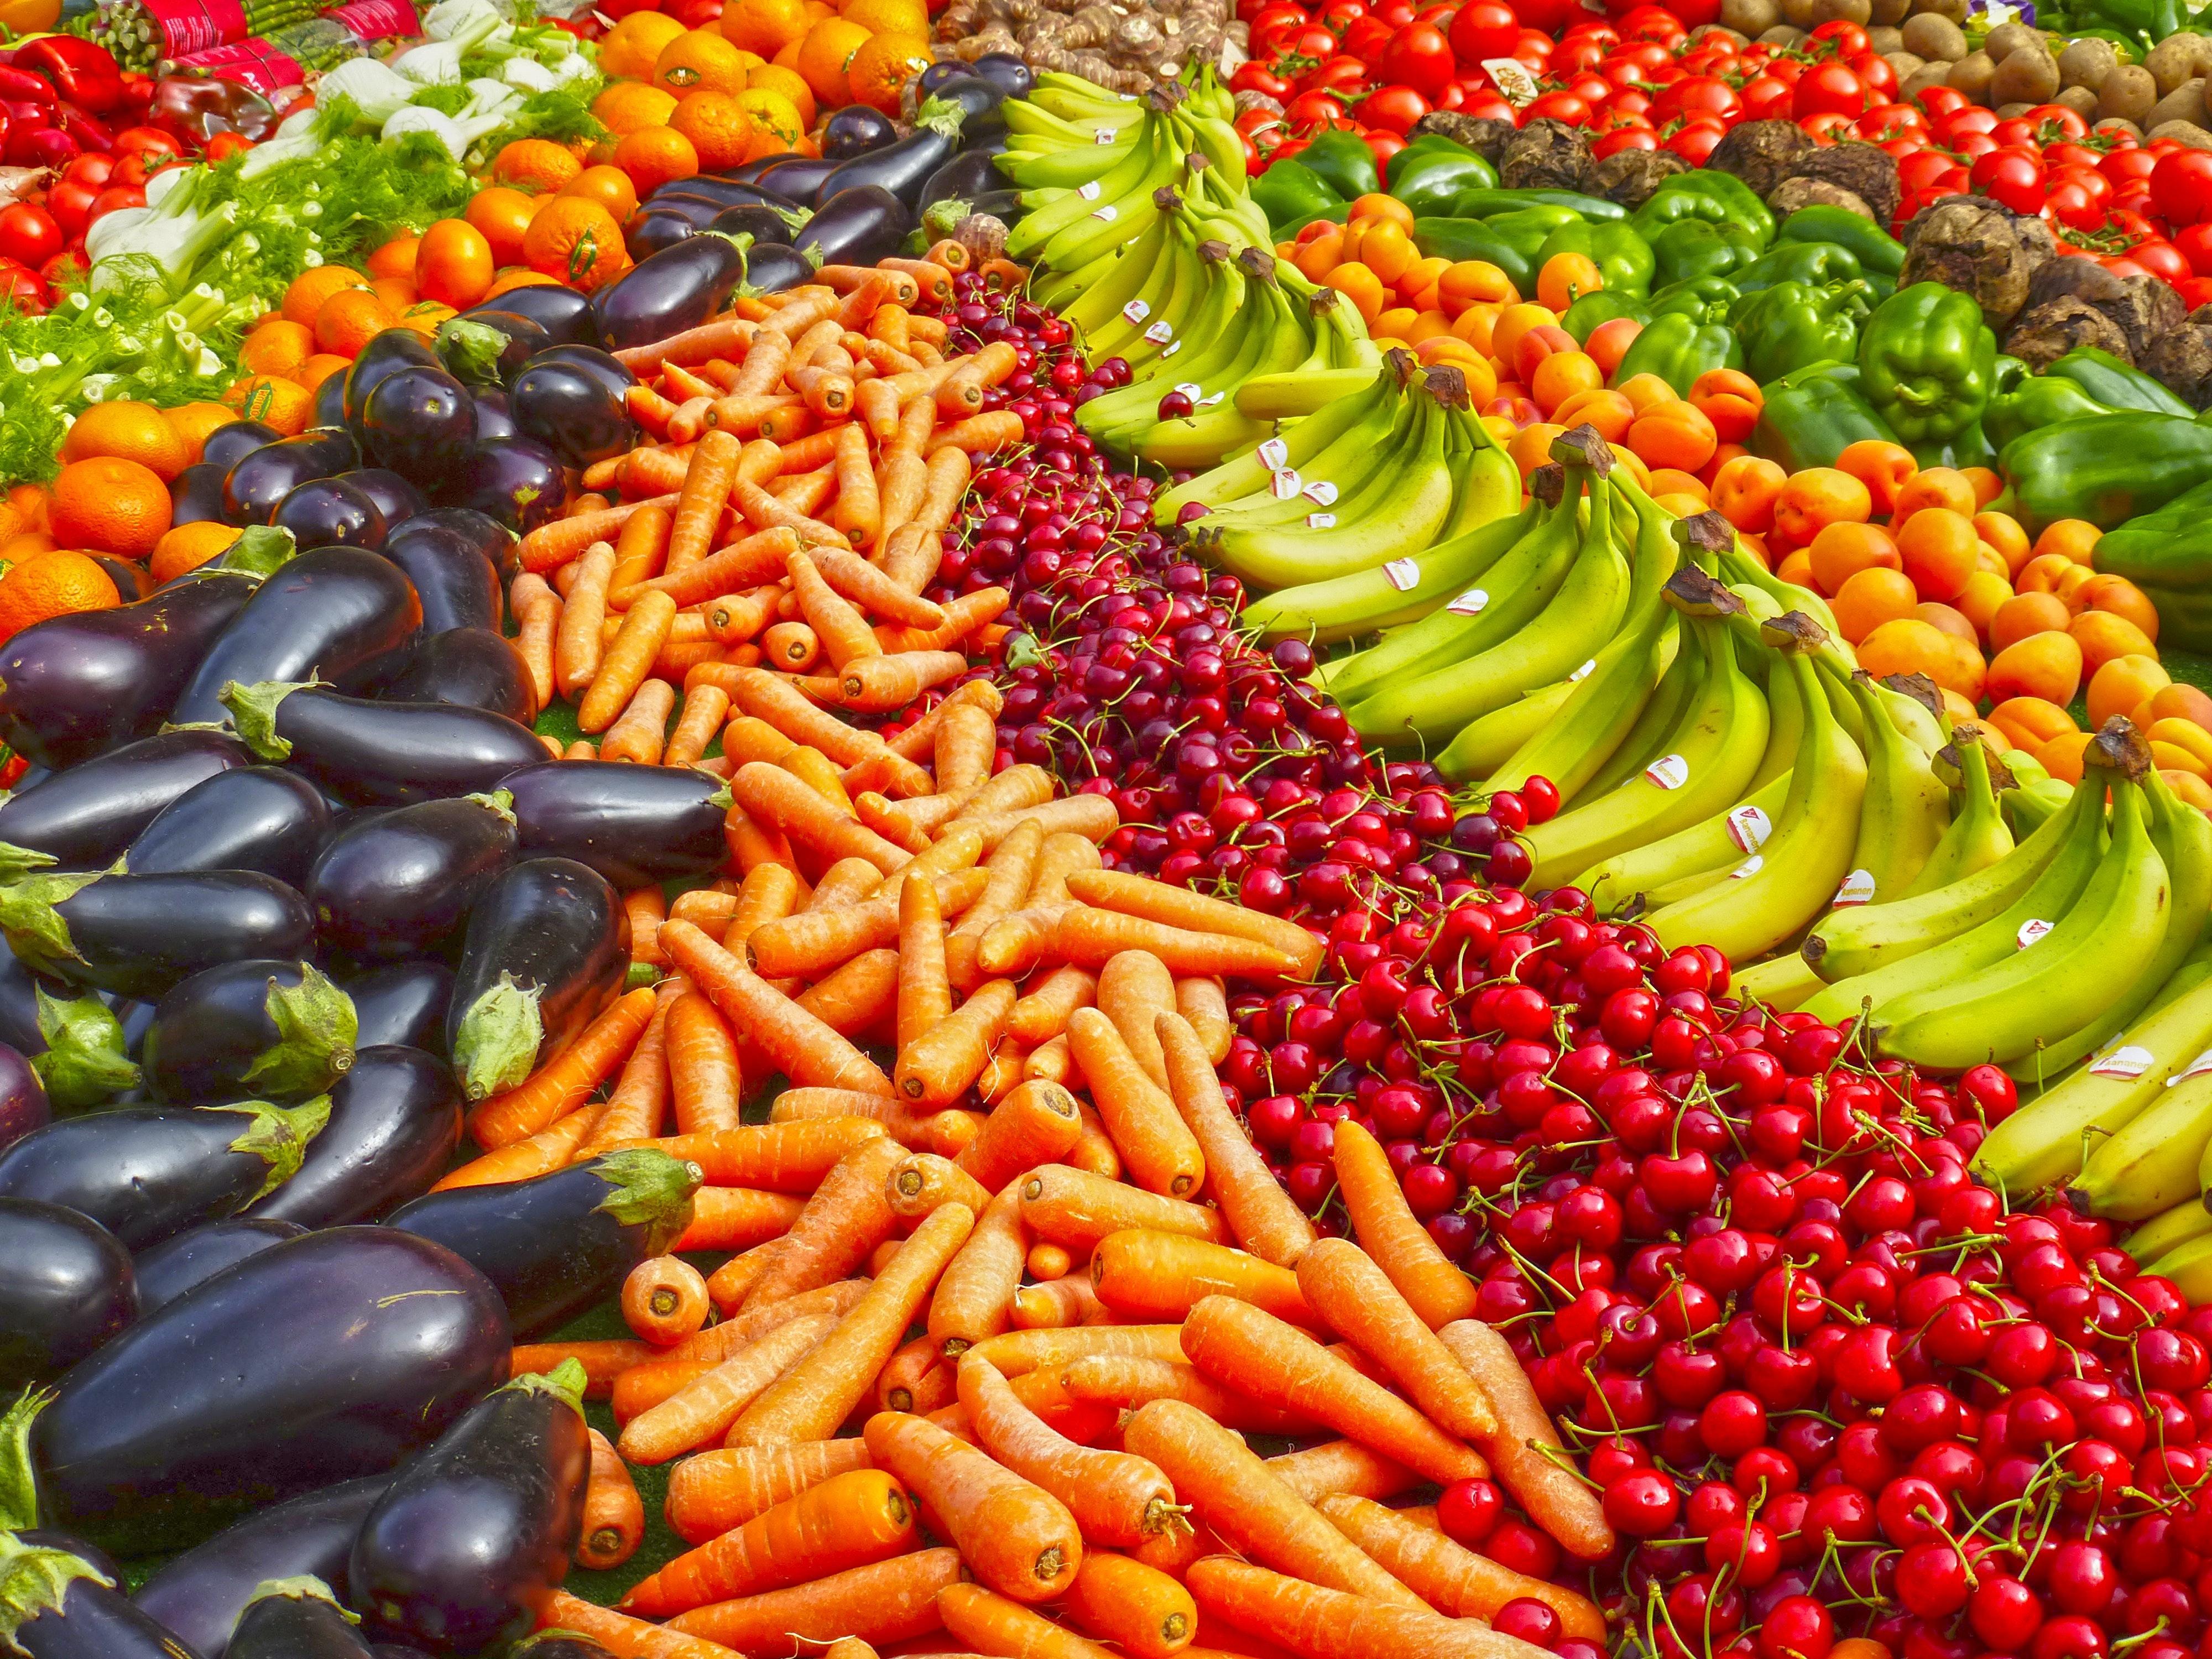 Ushqimet që nuk duhet ti fusni kurrë në frigorifer, ja përse